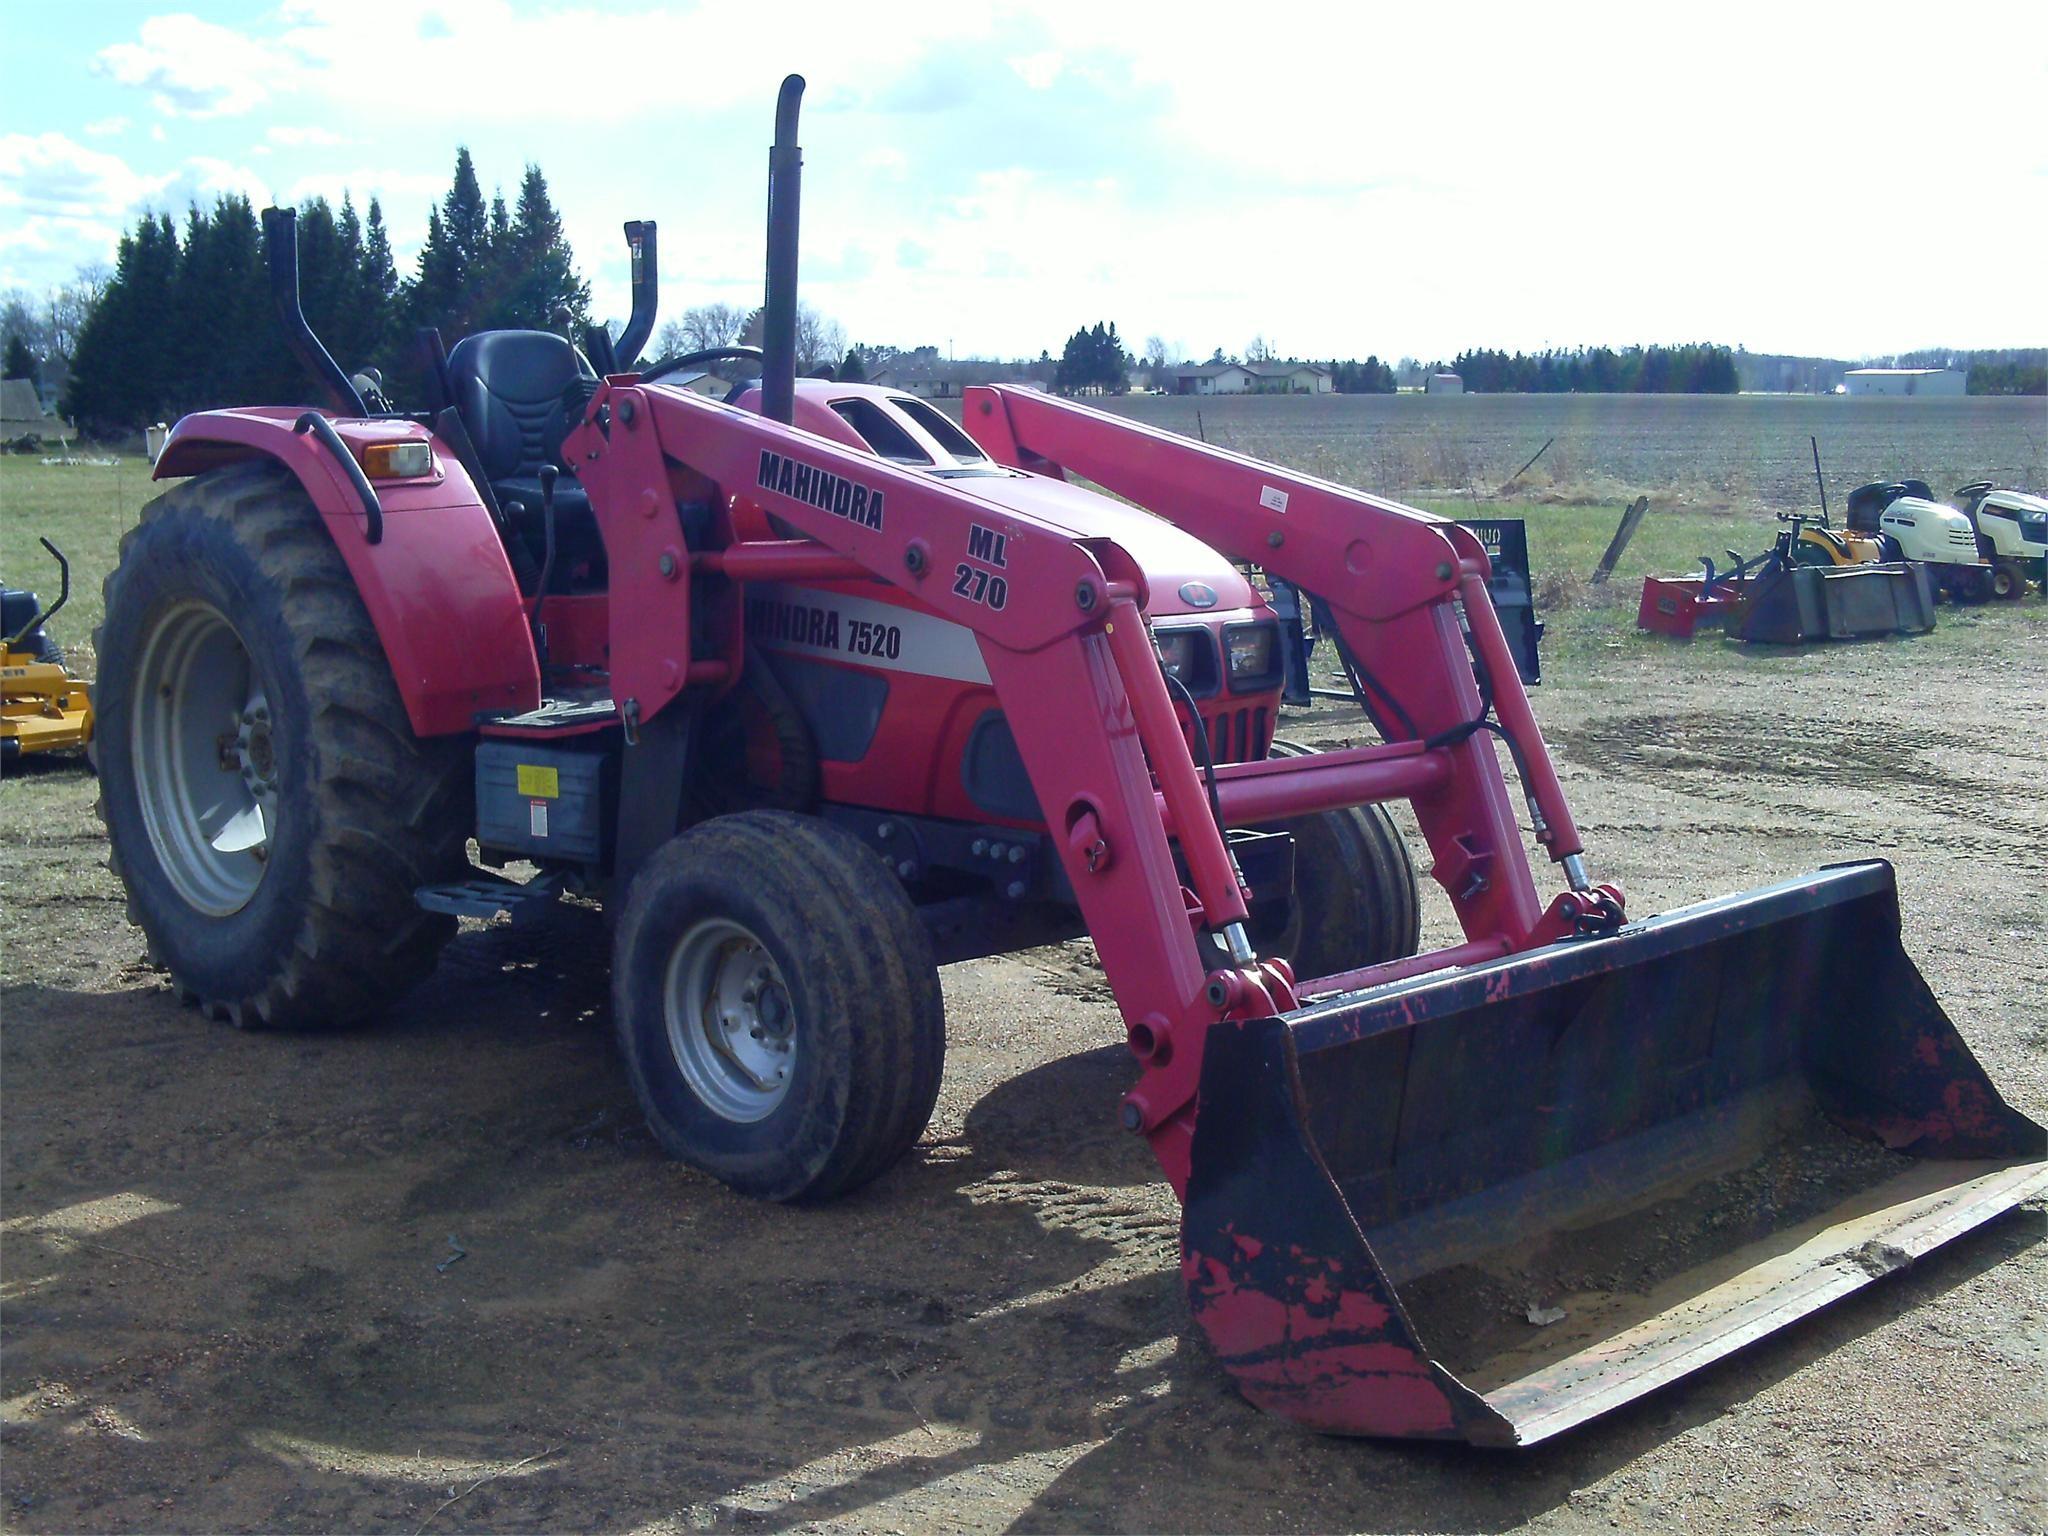 2005 MAHINDRA 7520 40-99 HP Tractor